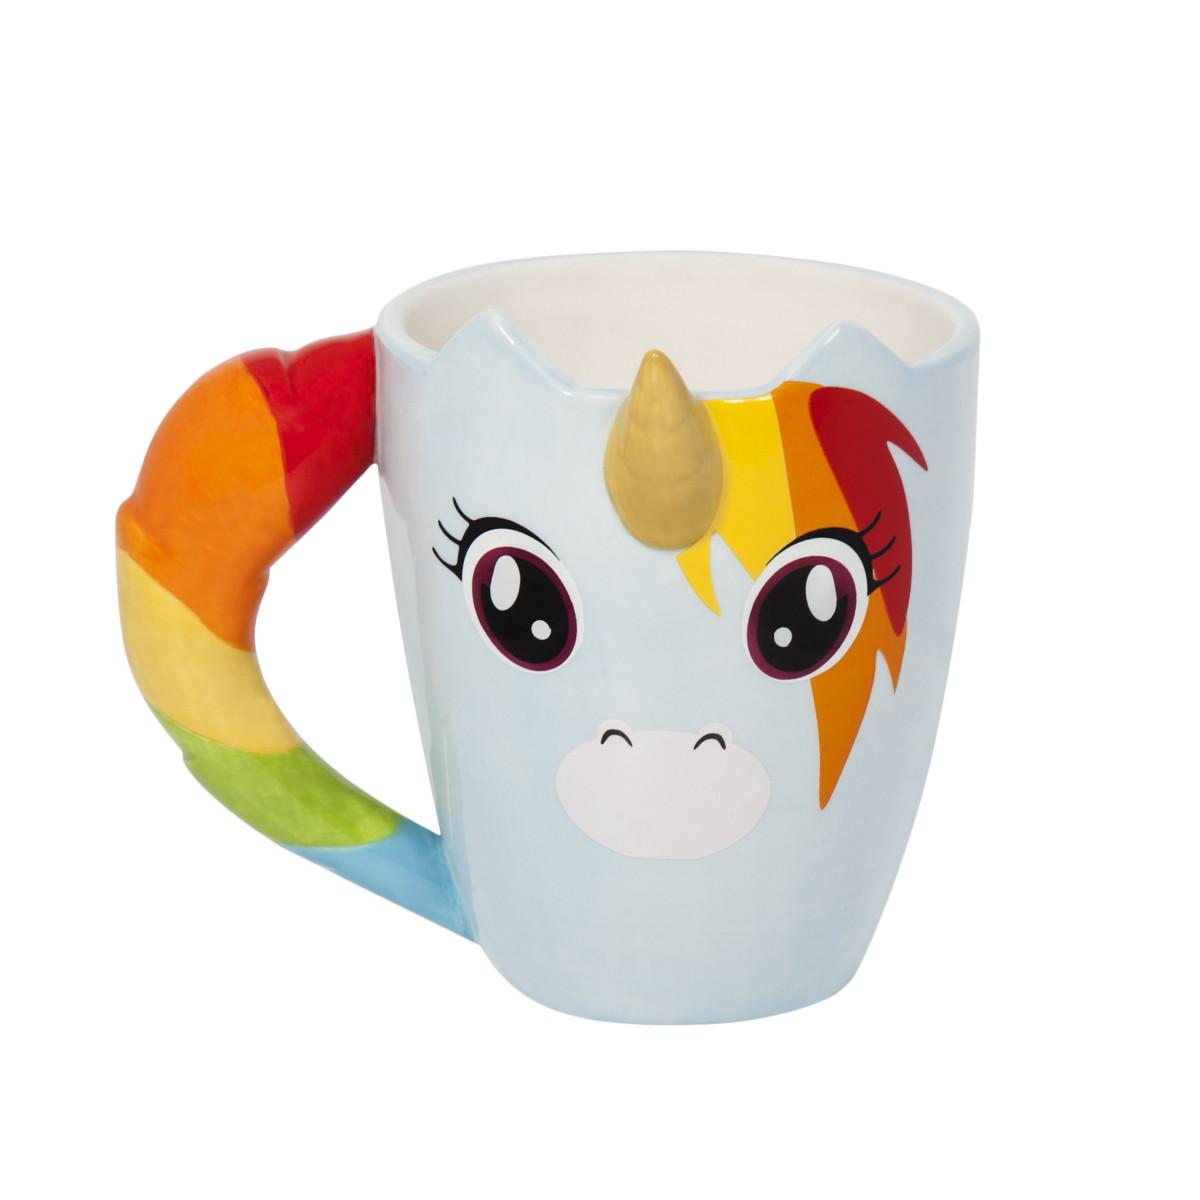 Afbeelding Unicorn Mok - Lichtblauw door YourSurprise.nl